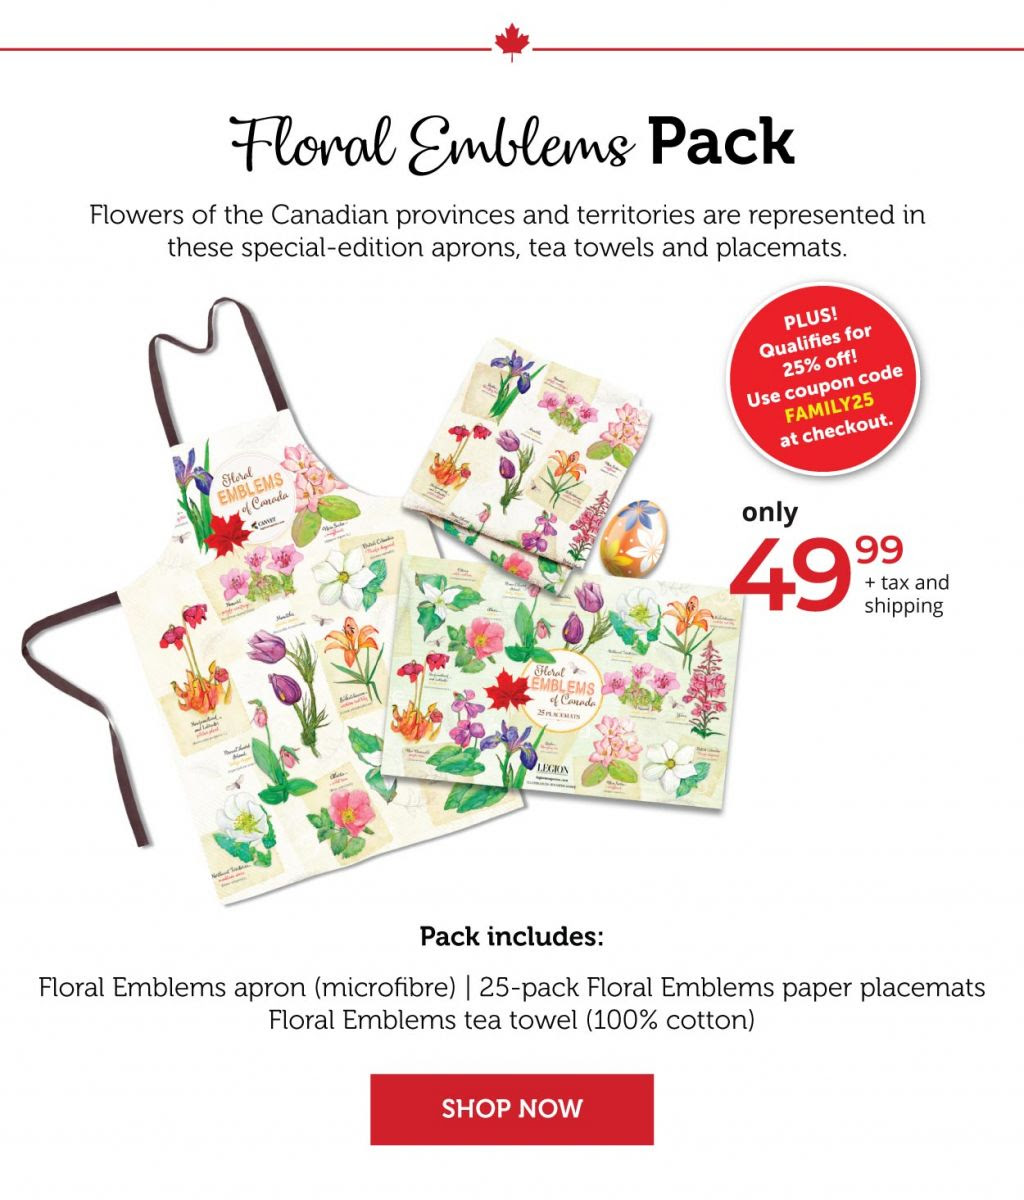 Floral Emblems Pack